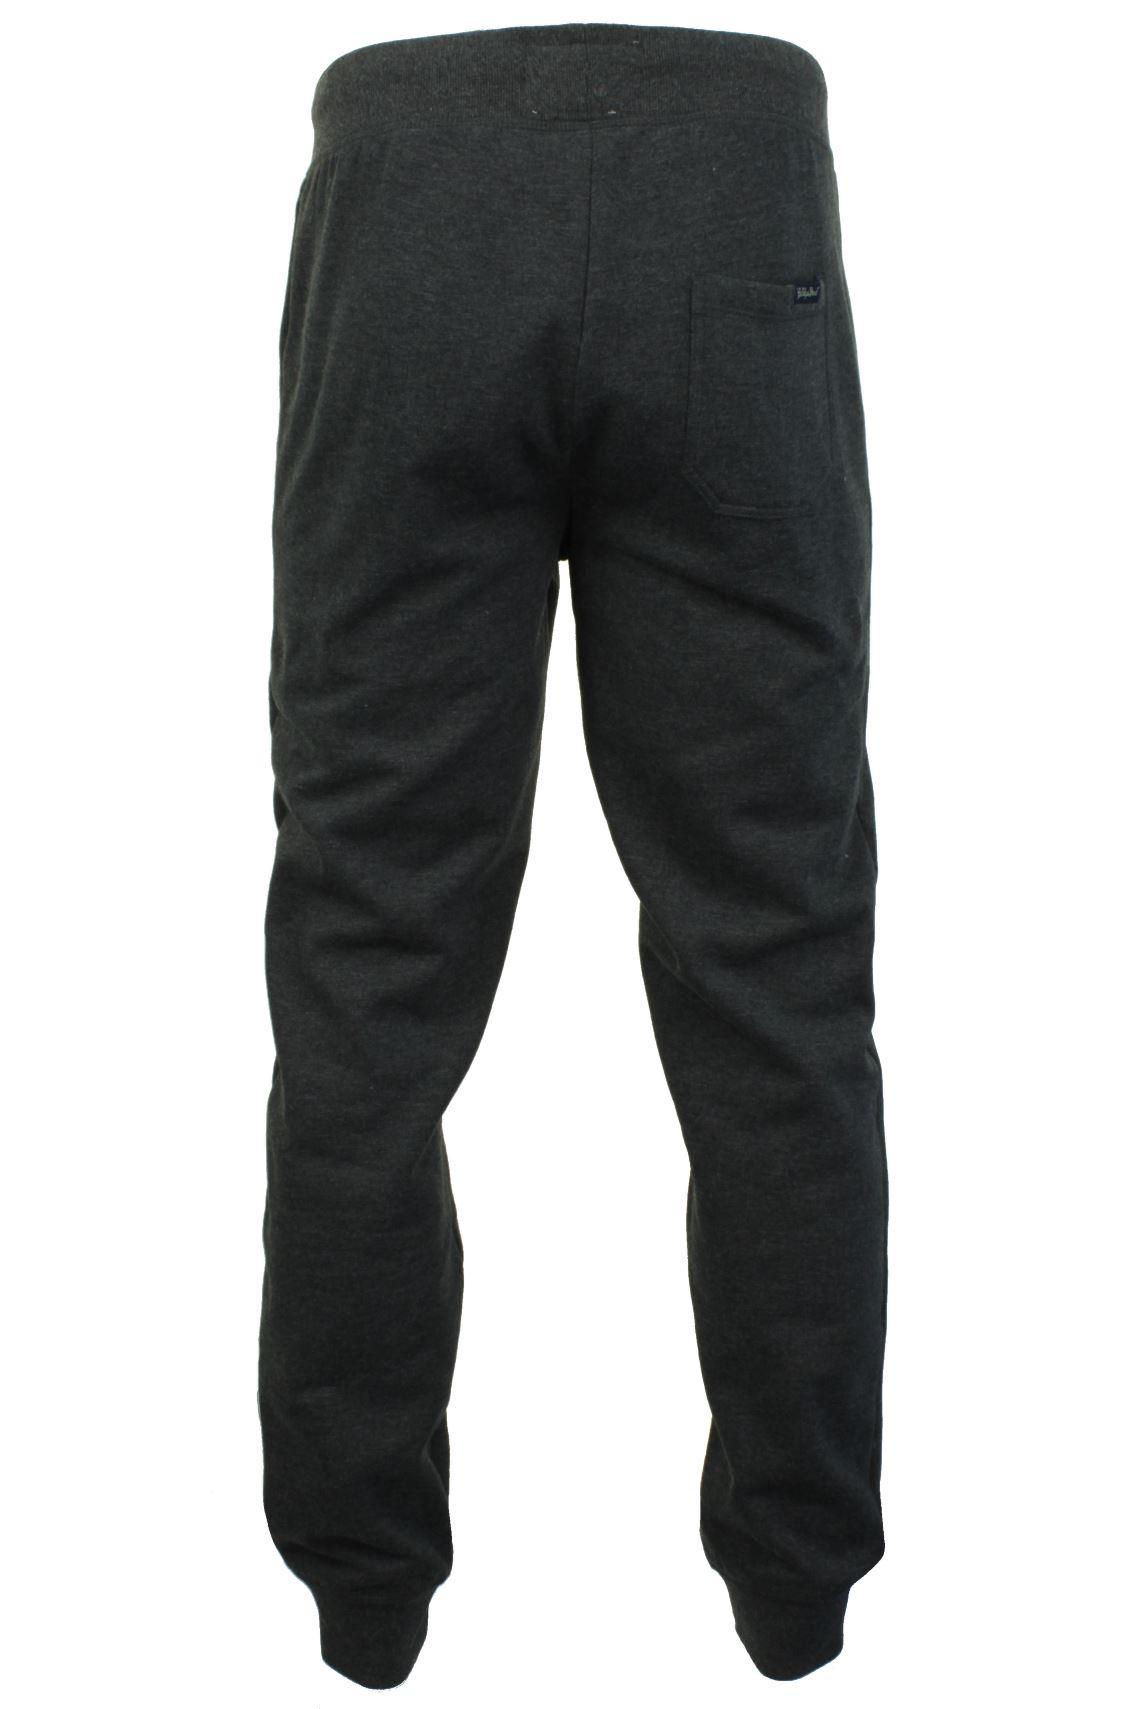 """Homme pantalon de survêtement par tokyo laundry /'point maison/"""""""